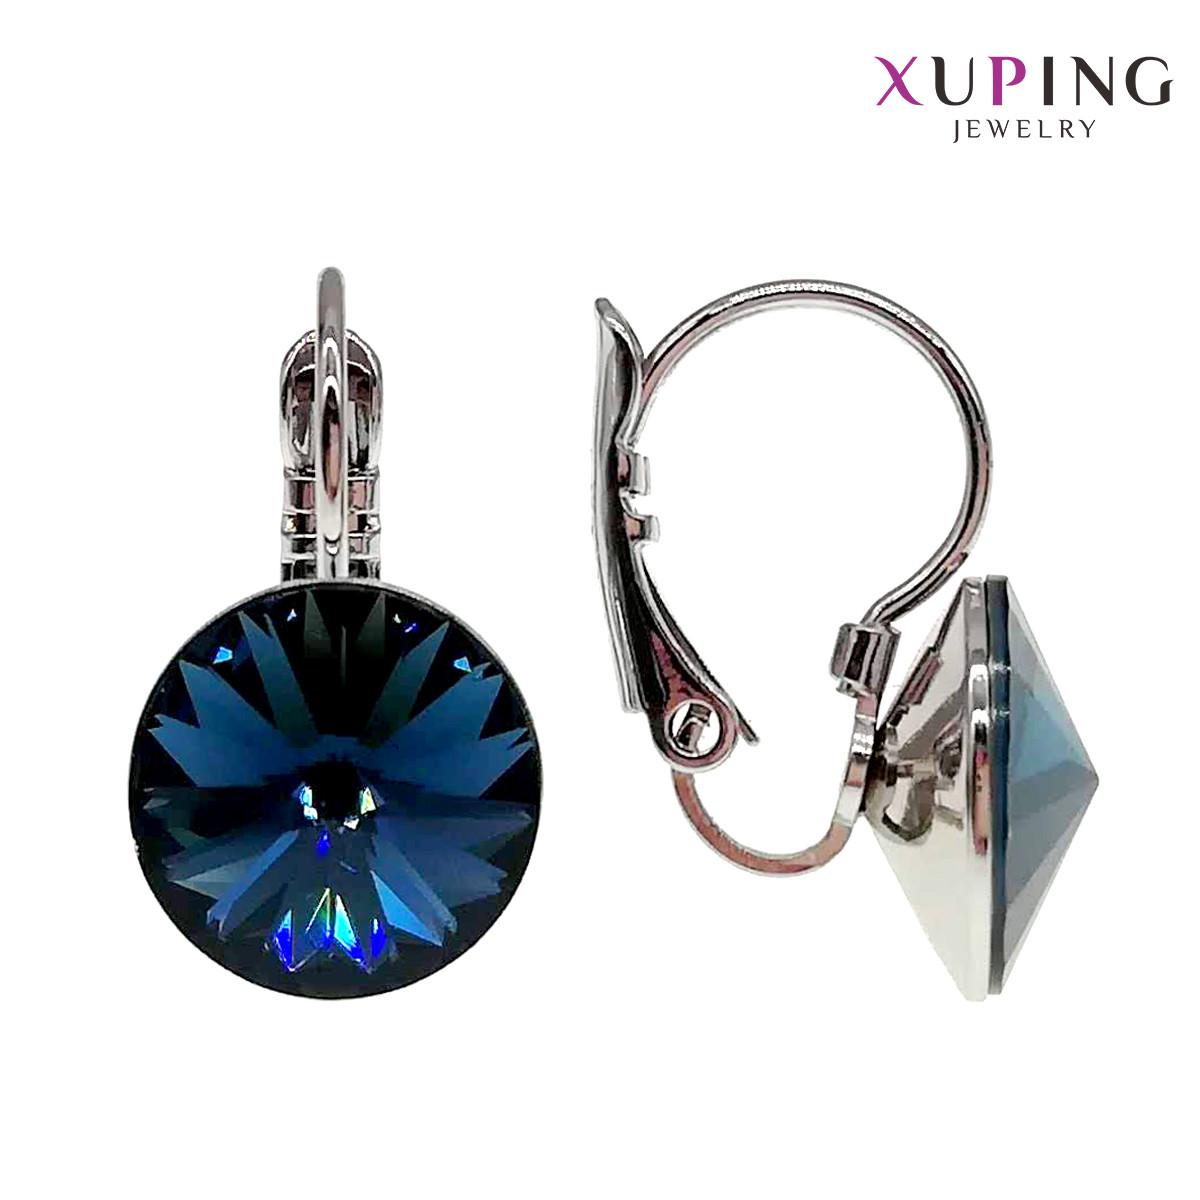 Сережки Xuping, розмір 18х11 мм, кристали Swarovski сапфірово-синього кольору, вагою 4 г, родій (біле золото),